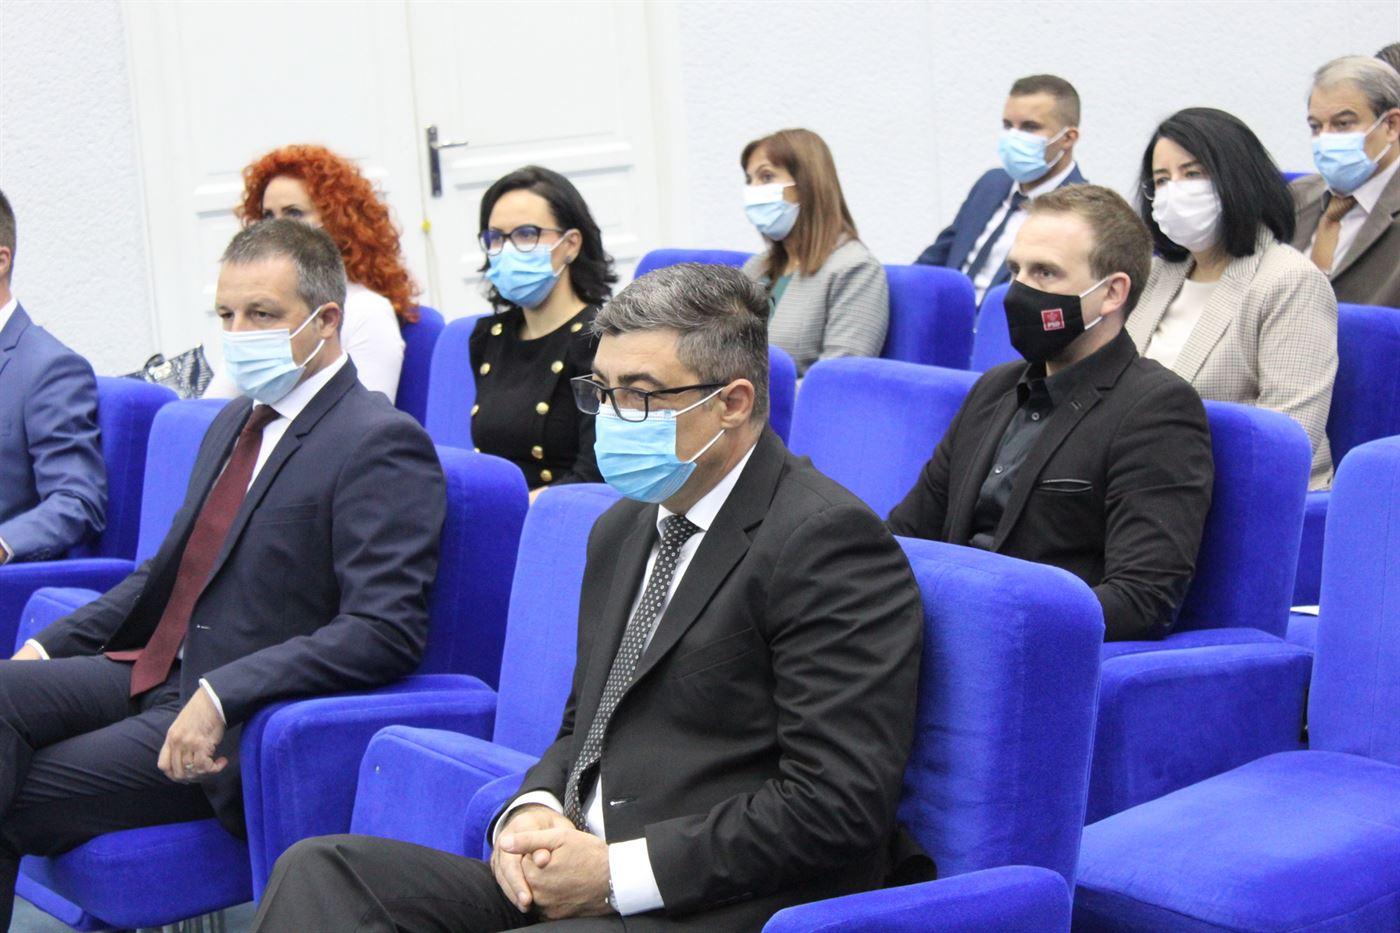 Consilierii județeni au depus astăzi jurământul pentru constituirea noului Consiliu Județean Brăila